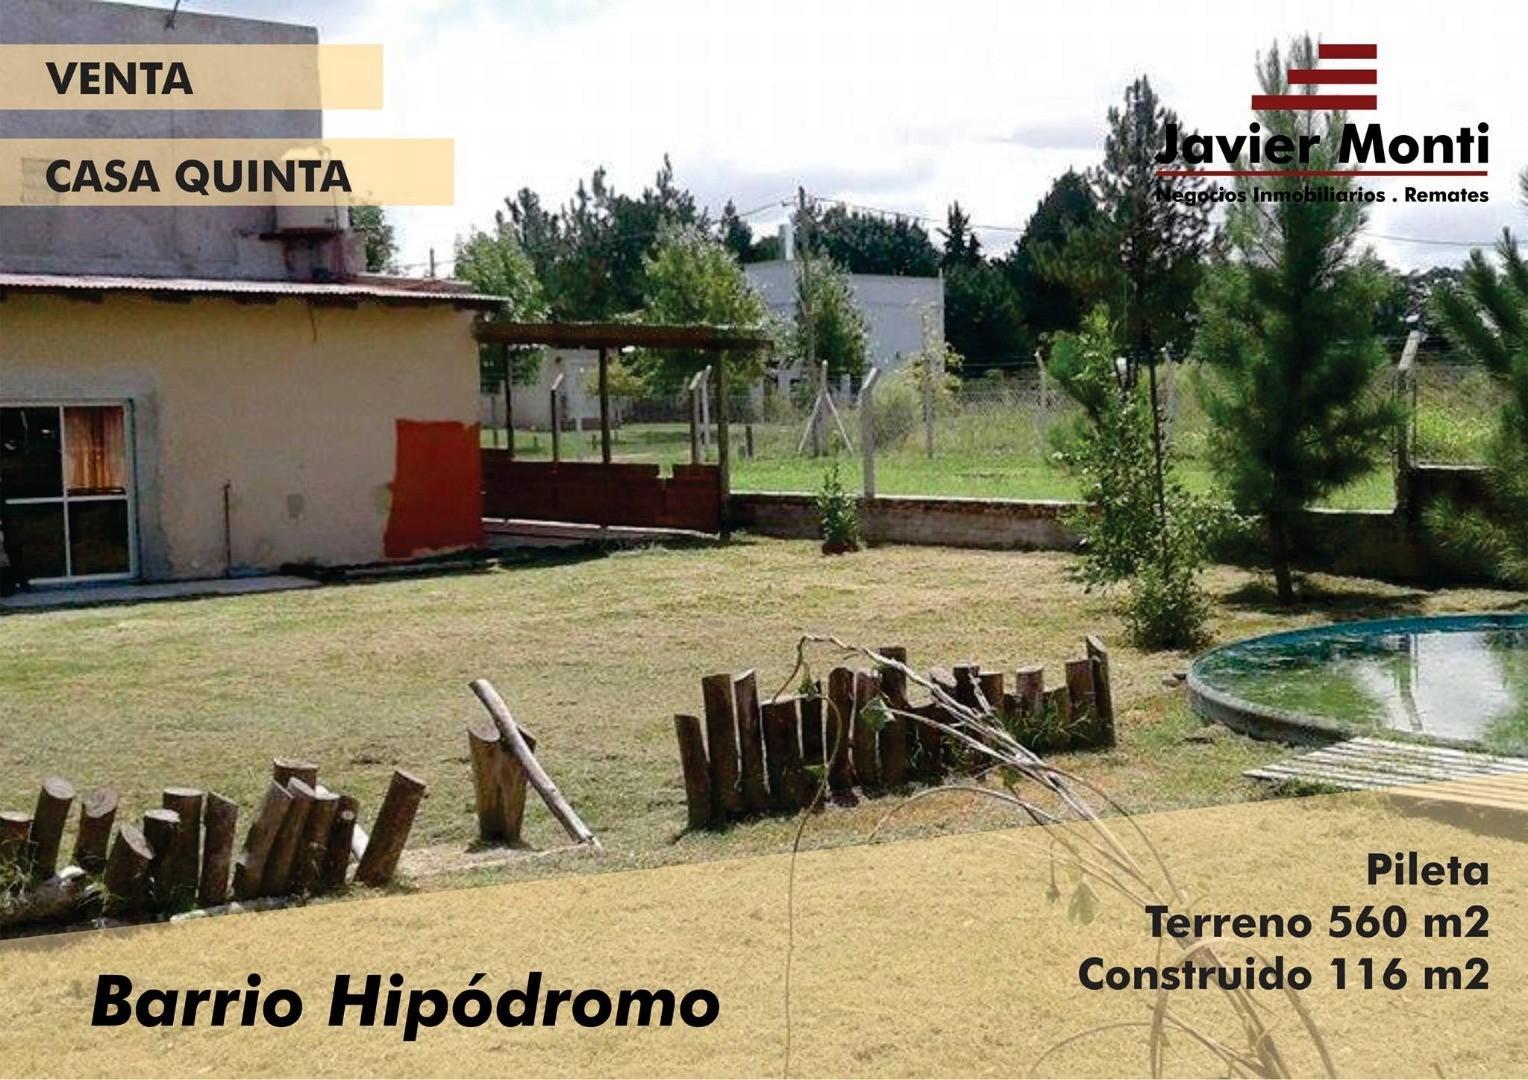 CASA QUINTA ZONA HIPODROMO